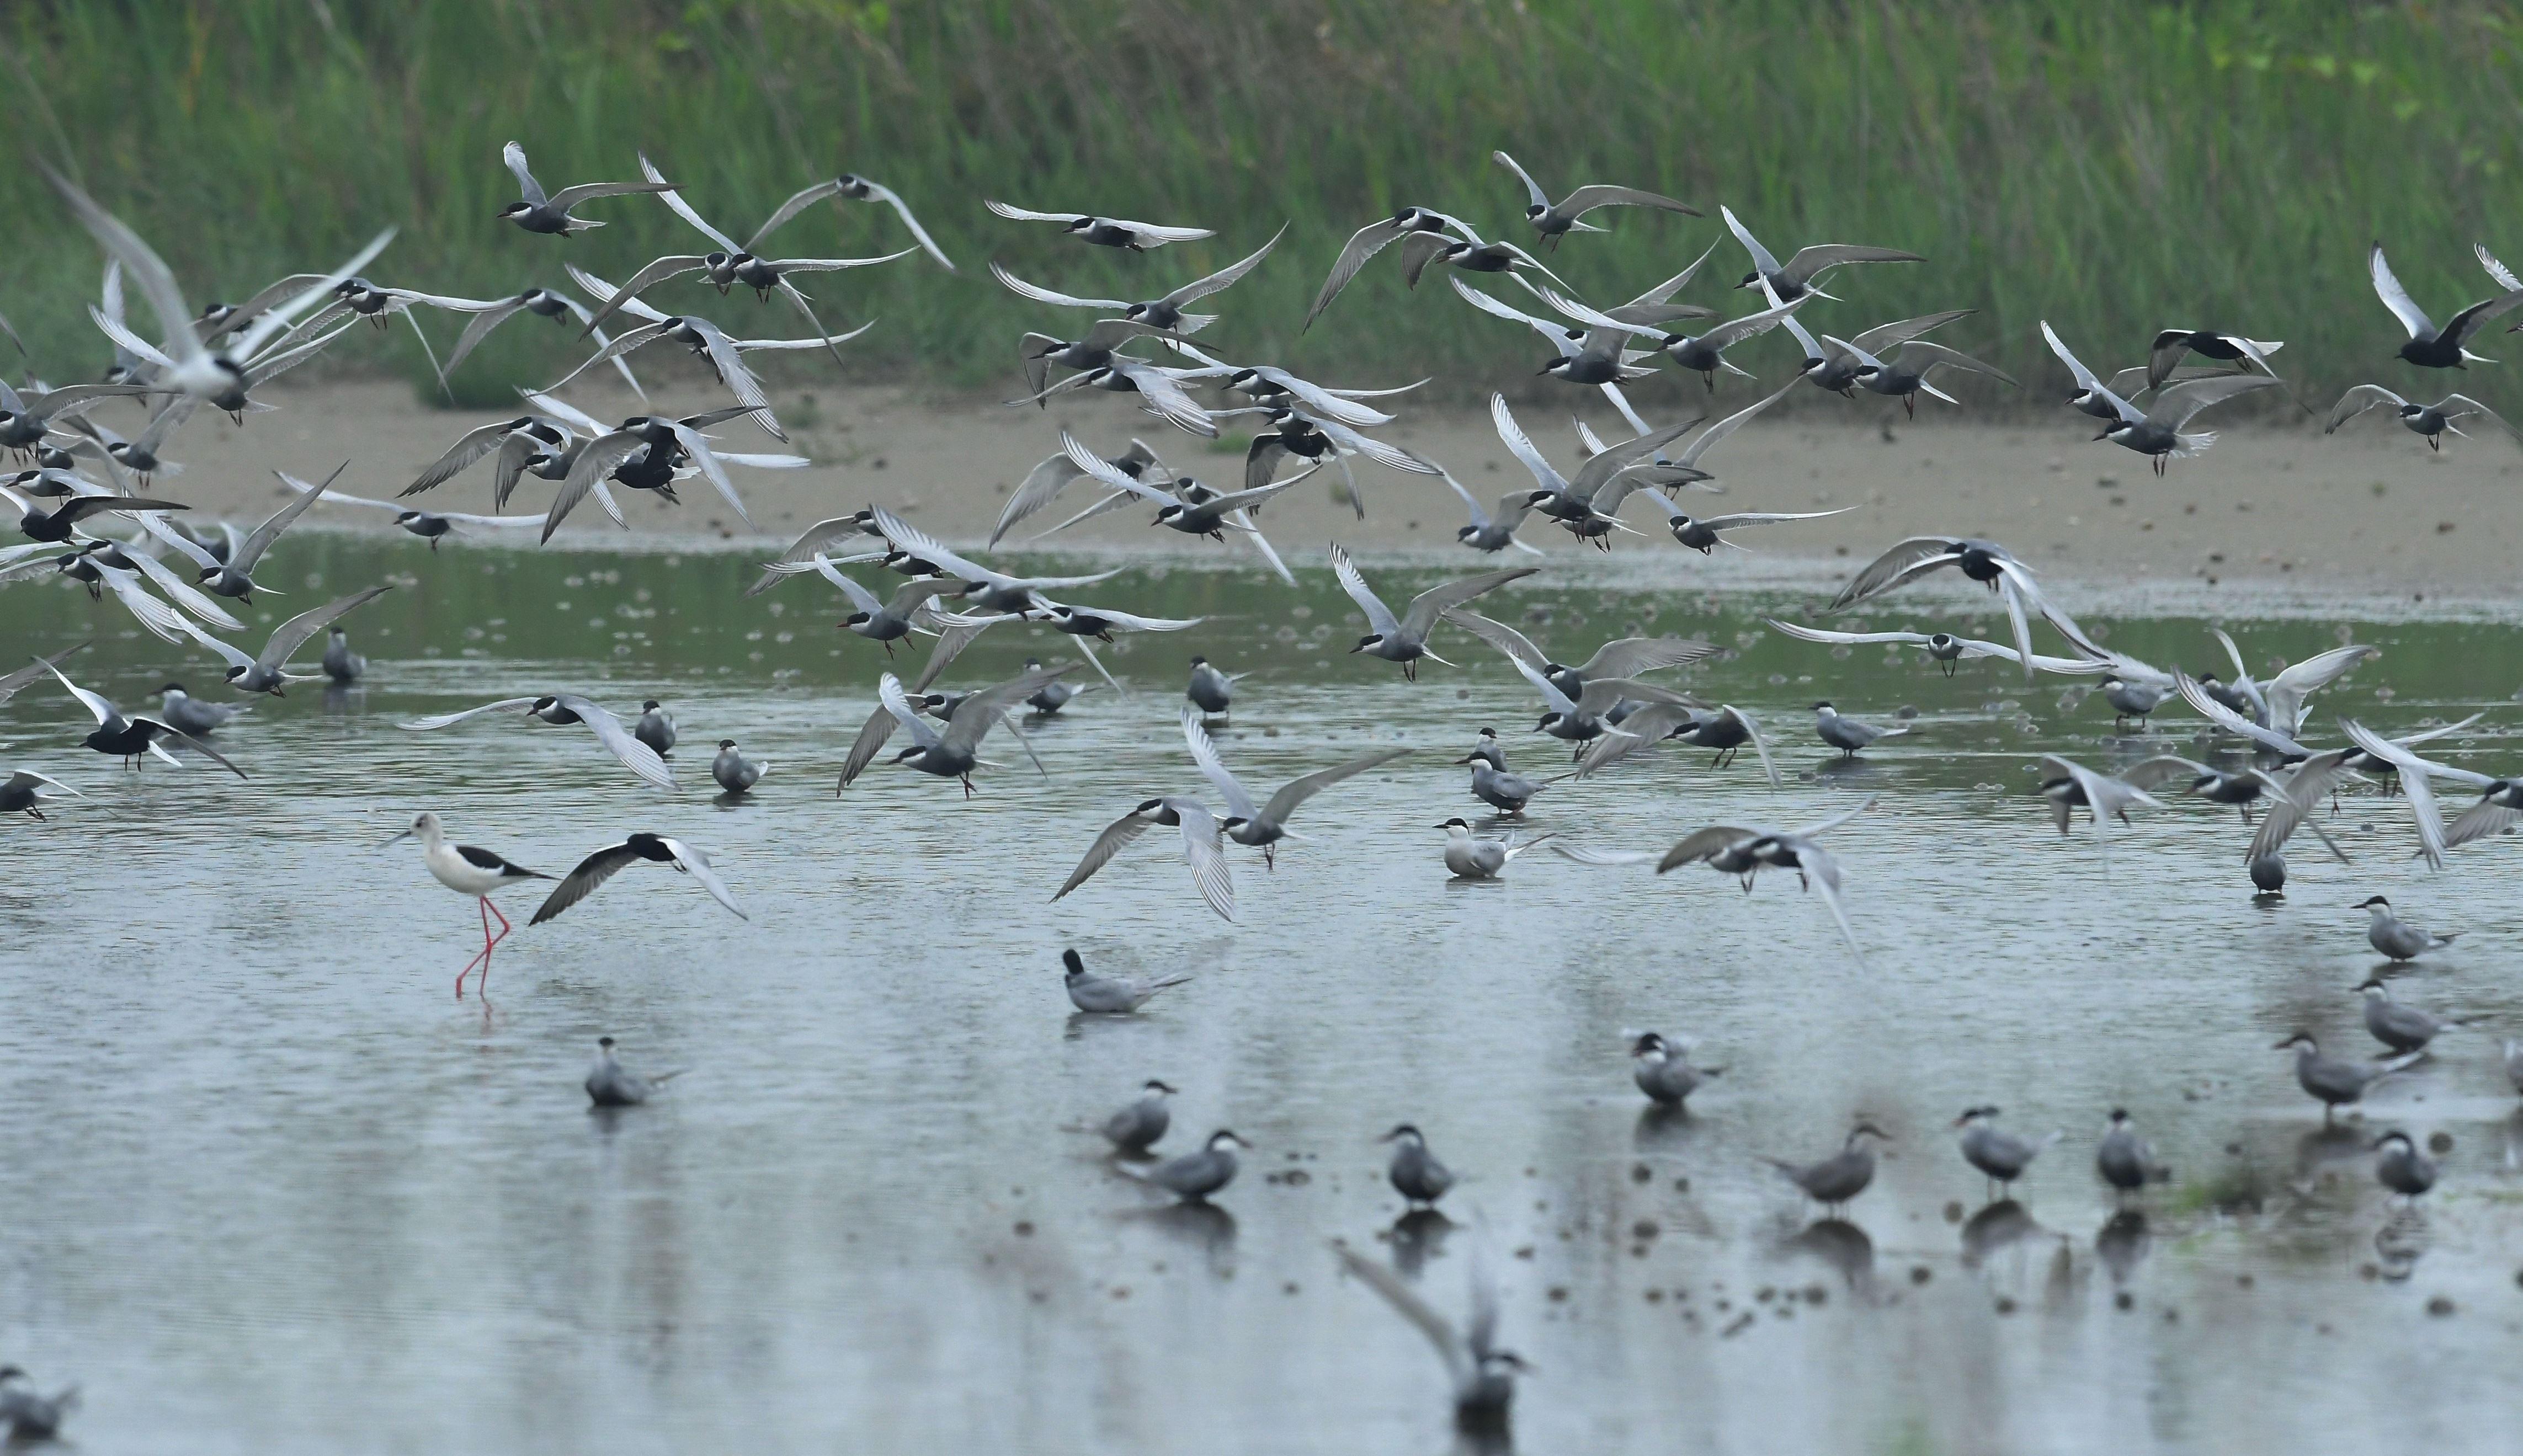 1080515養工-上千隻的鷗科數量龐大、場面壯觀-王俊仁先生提供_(2).jpg